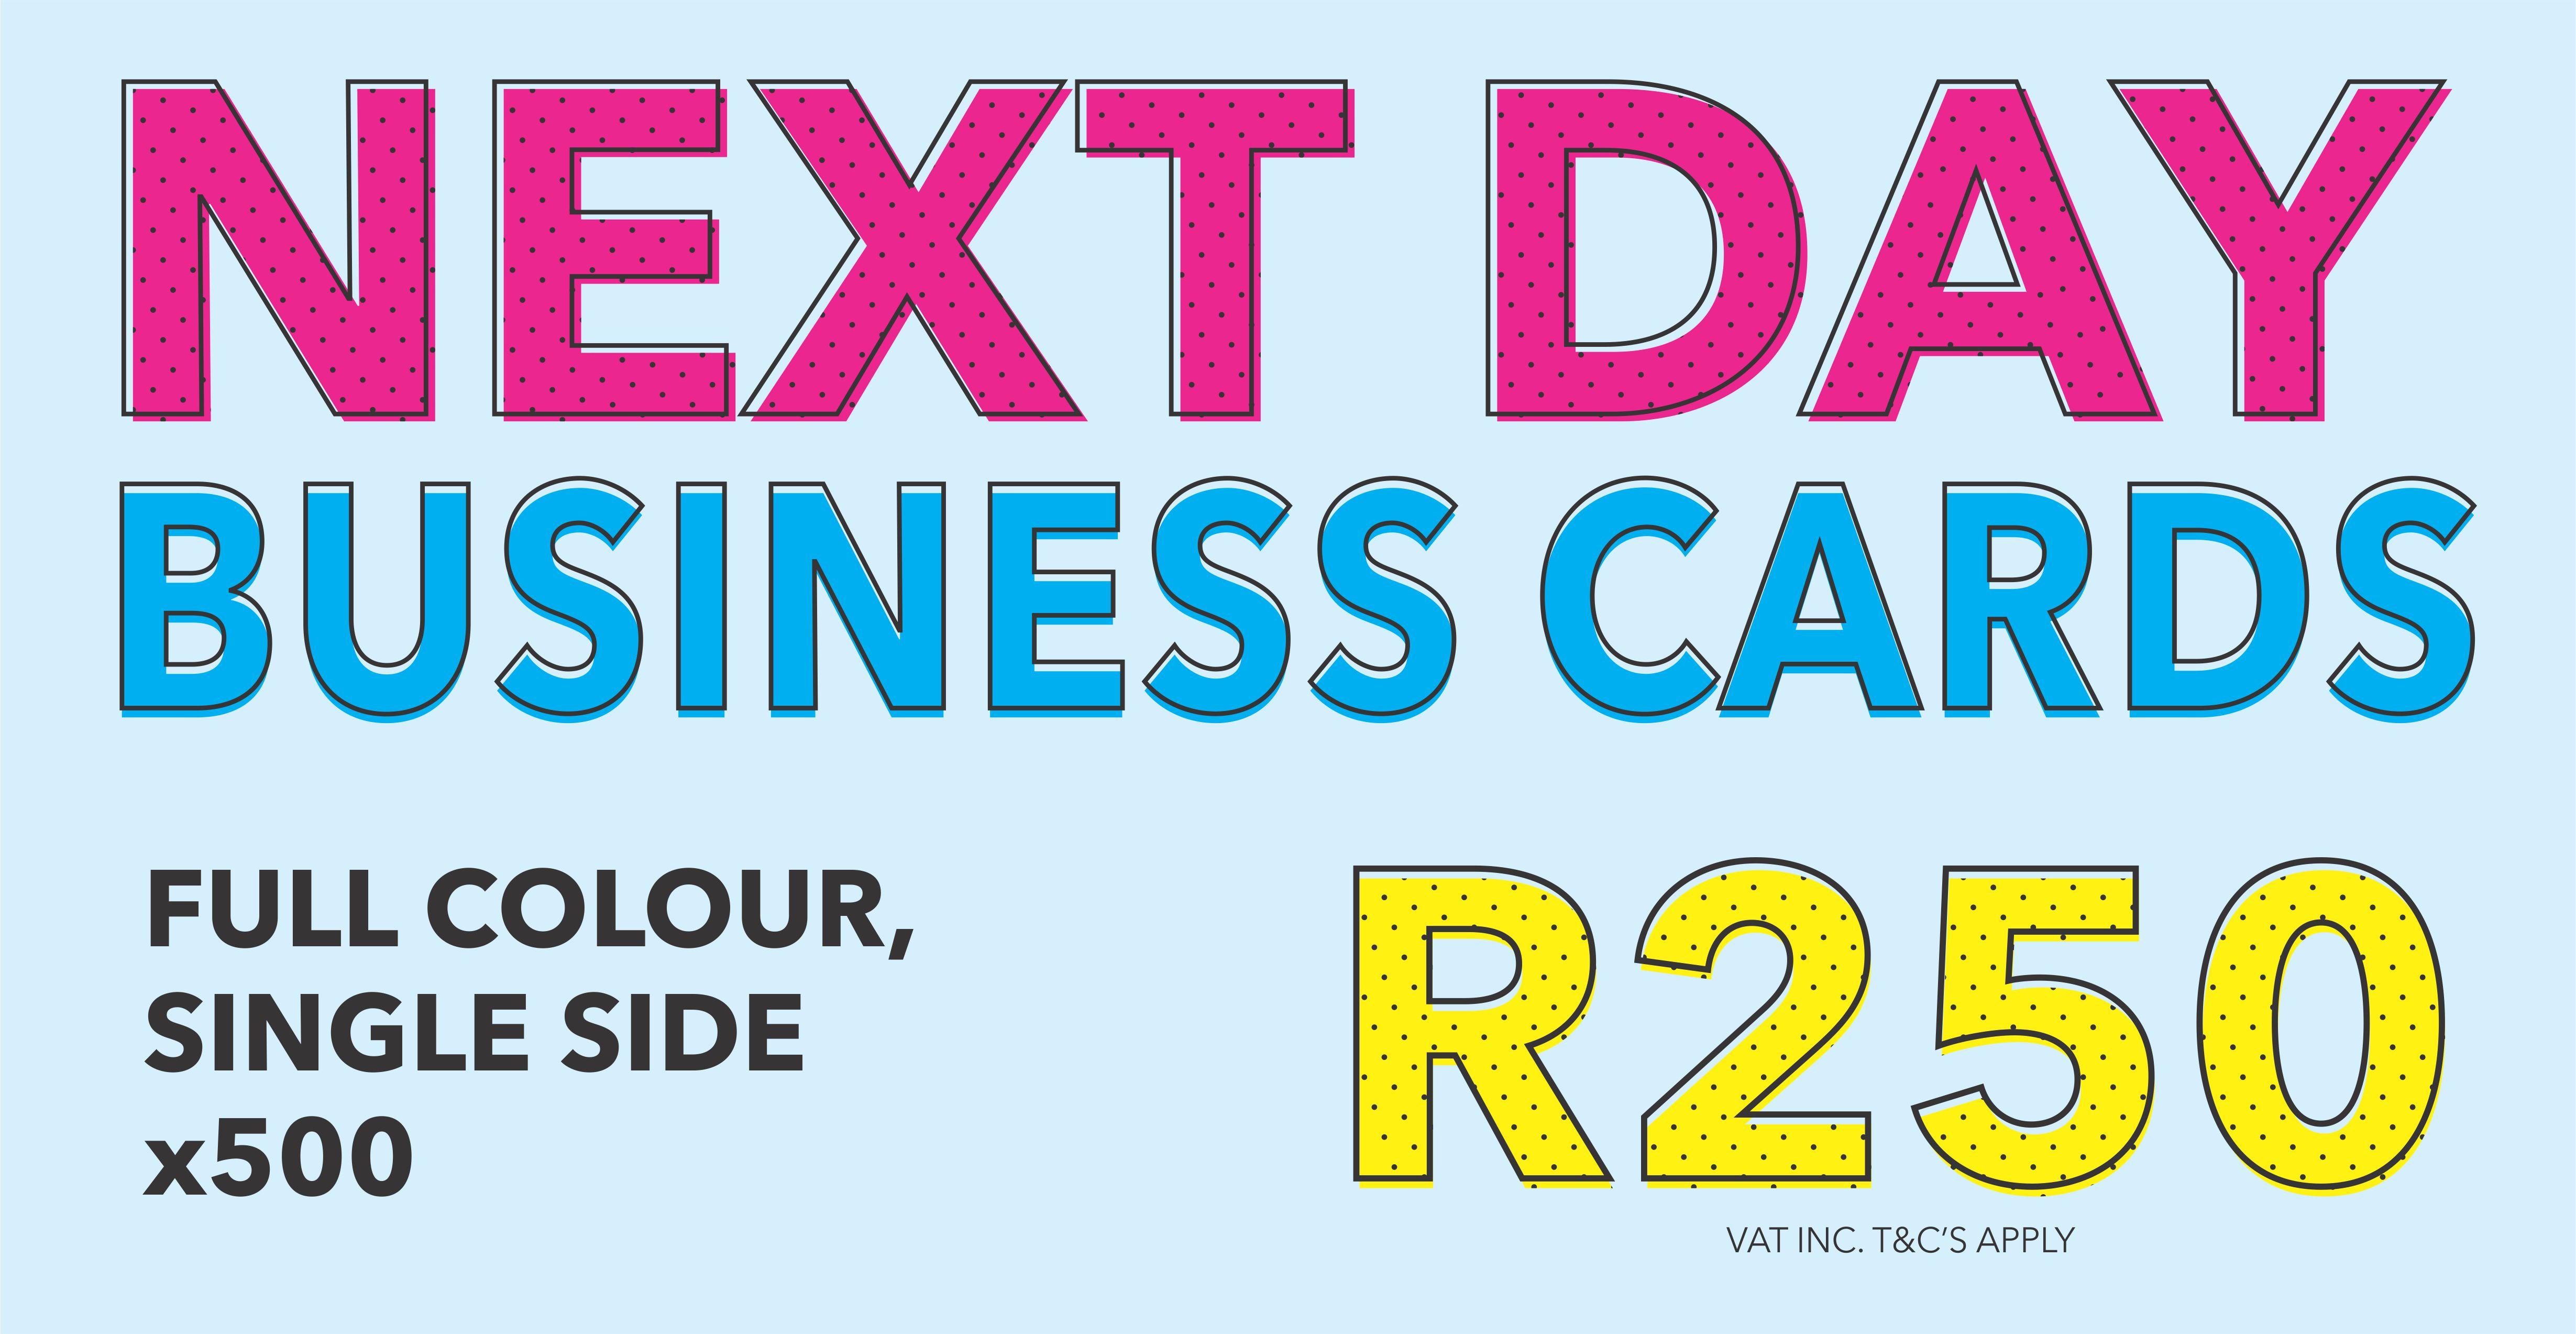 Banner promo business cards - Blitsdruk